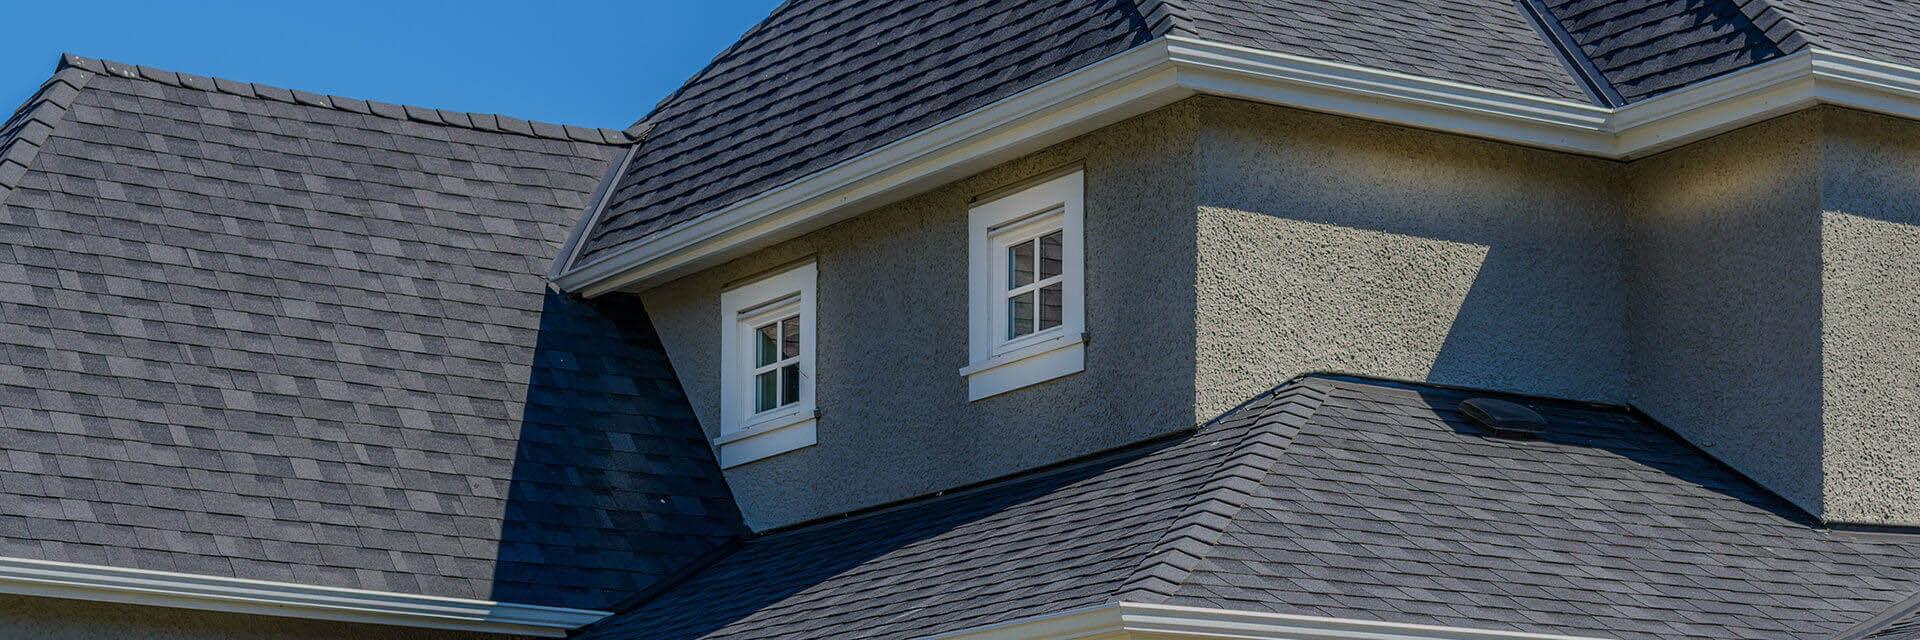 Photo of a gray asphalt shingle roof on a gray stucco house